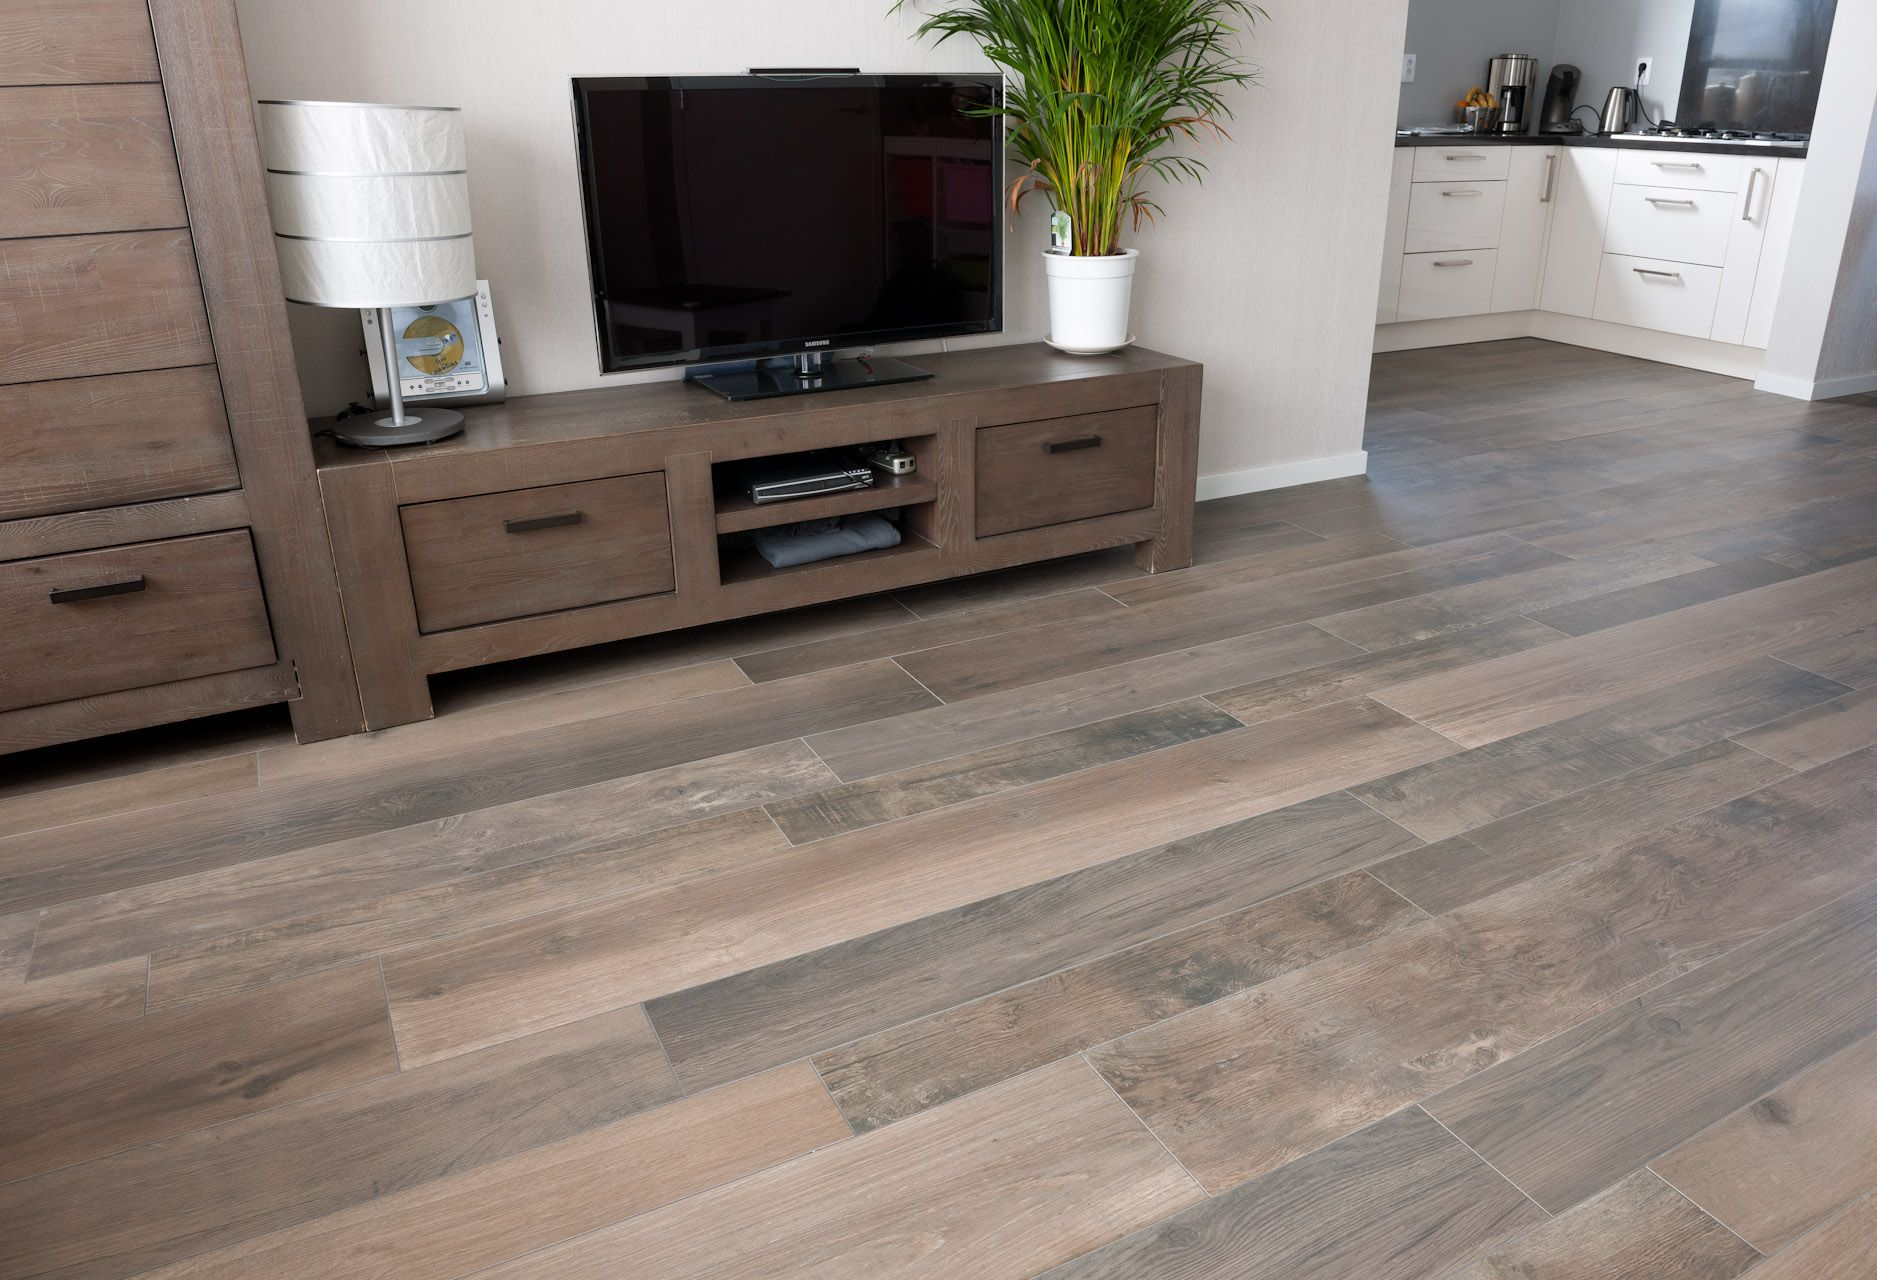 Afbeeldingsresultaat voor plavuizen woonkamer | Vloeren | Pinterest ...